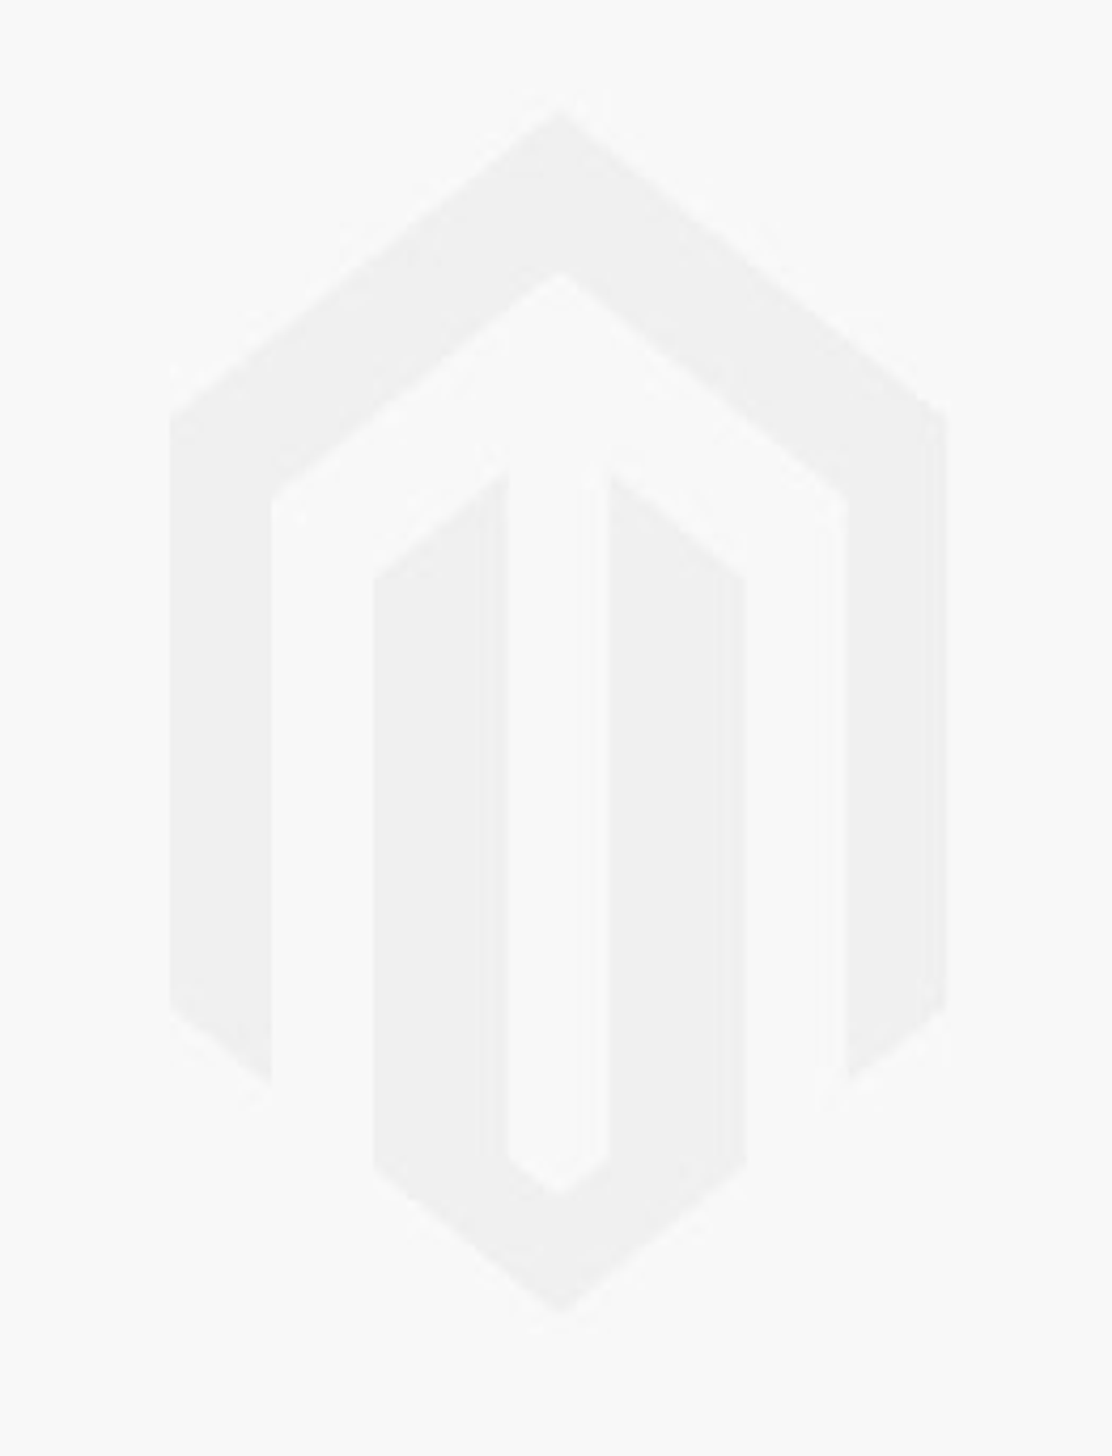 """1/4"""" Black Diamond Ouroboros Ring - WHITE GOLD Image #3"""